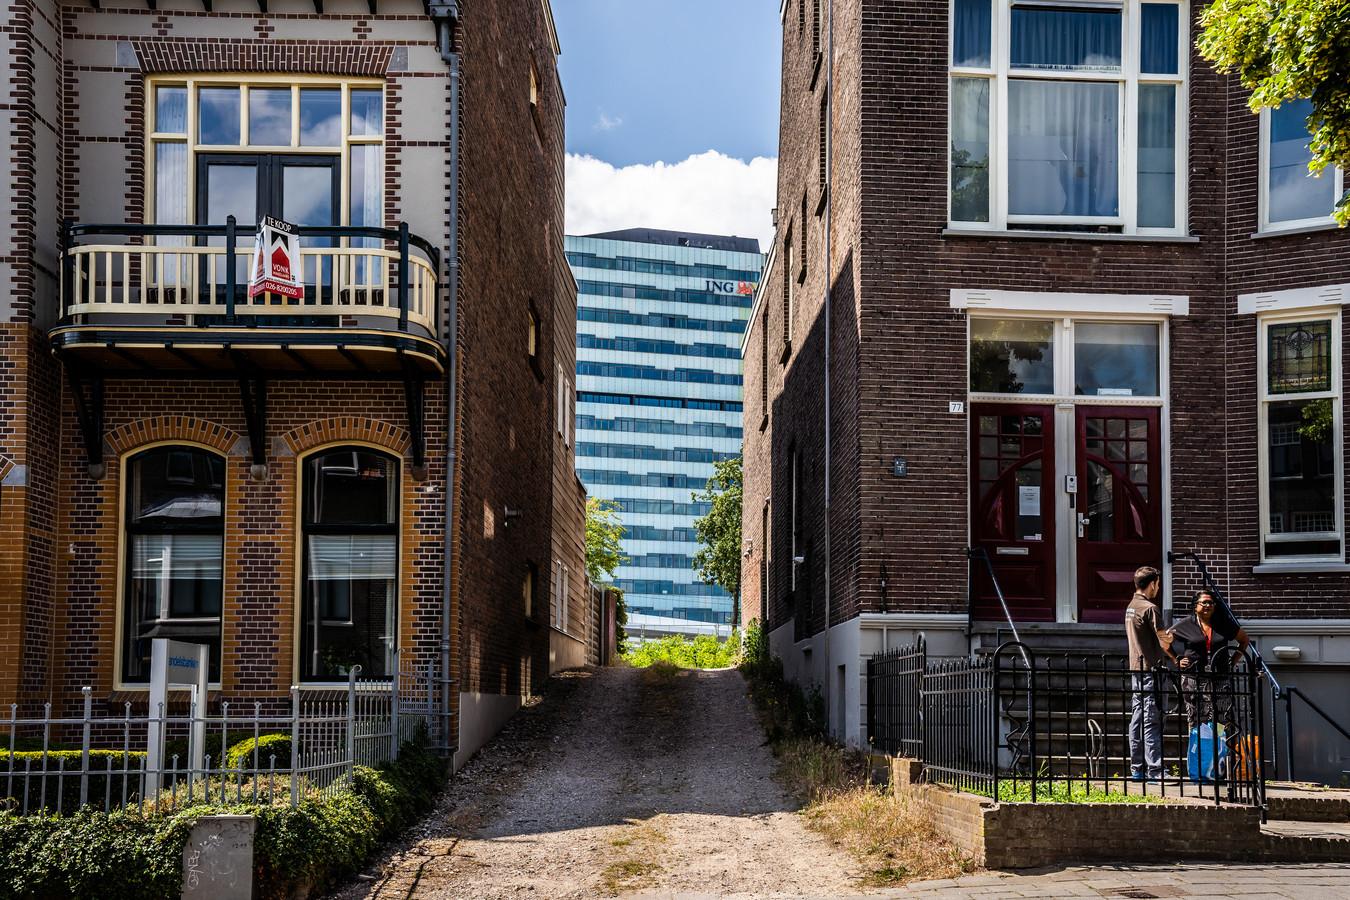 Het kantoor, zoals hier bij Arnhem Centraal, zal nooit met het kantoor van voor de corona-crisis worden, verwachten grote bedrijven en organisaties. Thuiswerken zal definitief voet aan de grond krijgen, is de verwachting.